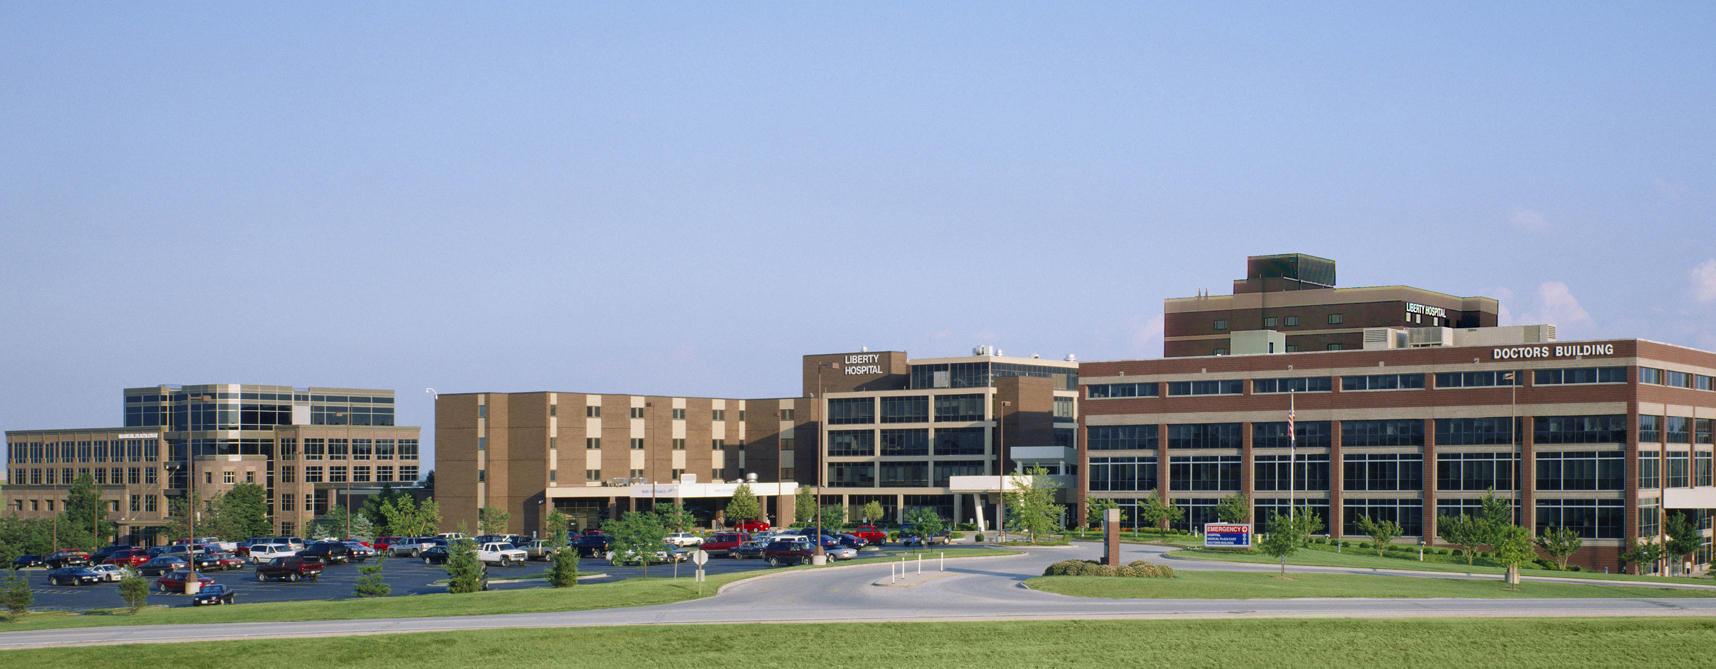 Kansas City Job Center